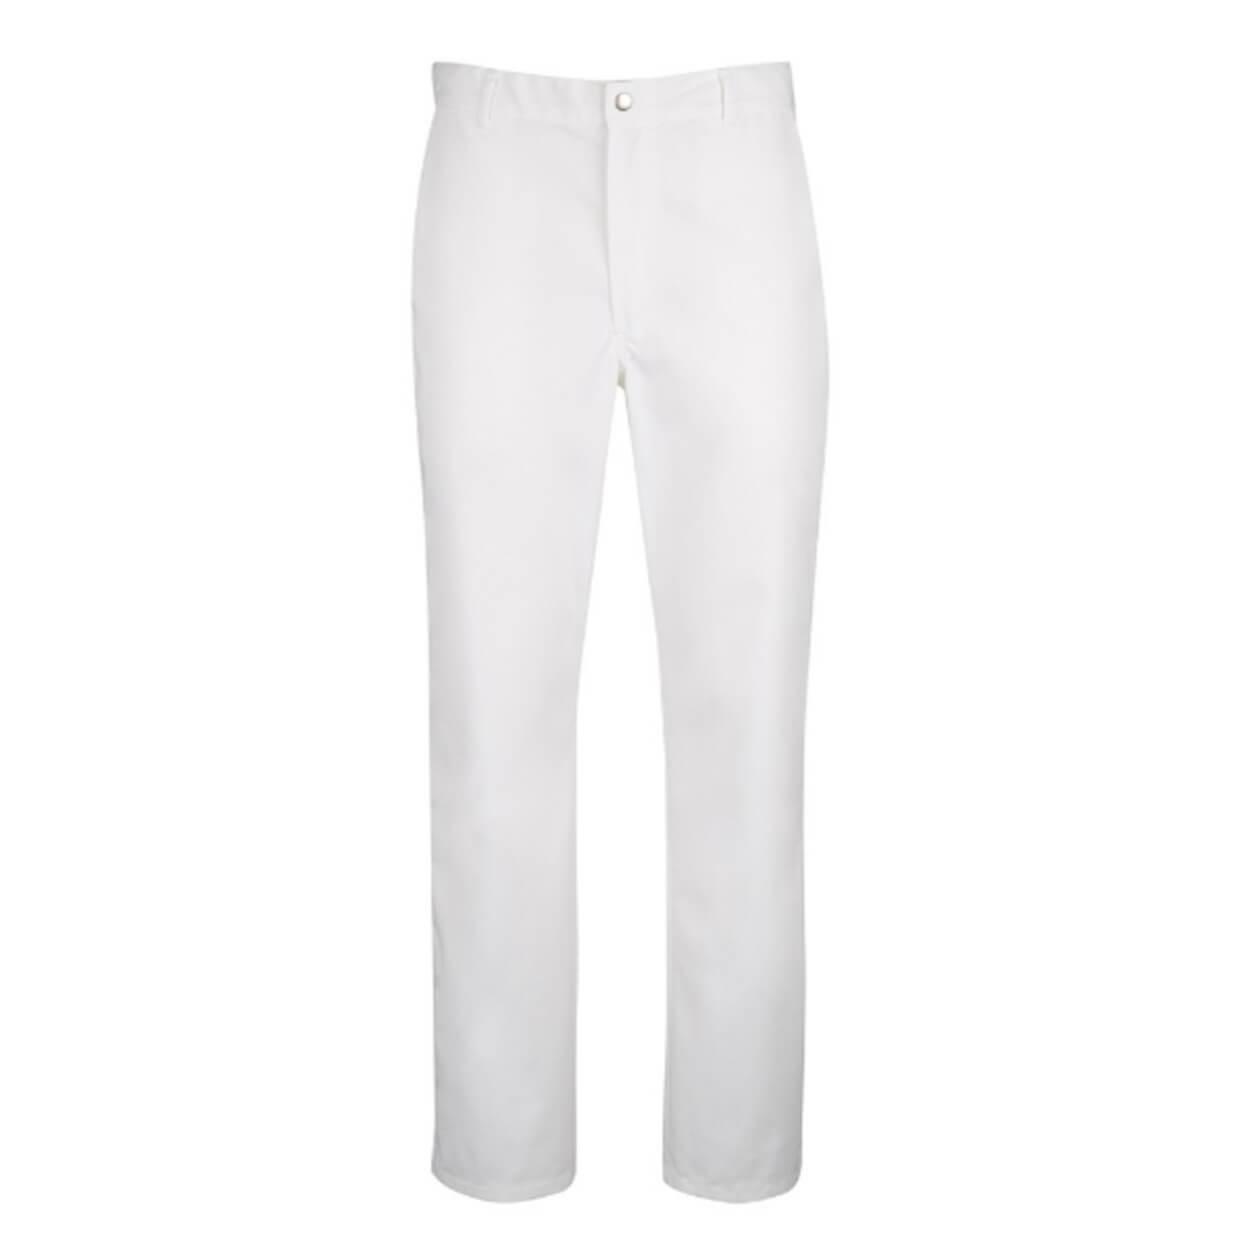 Ανδρικά παντελόνια Essential